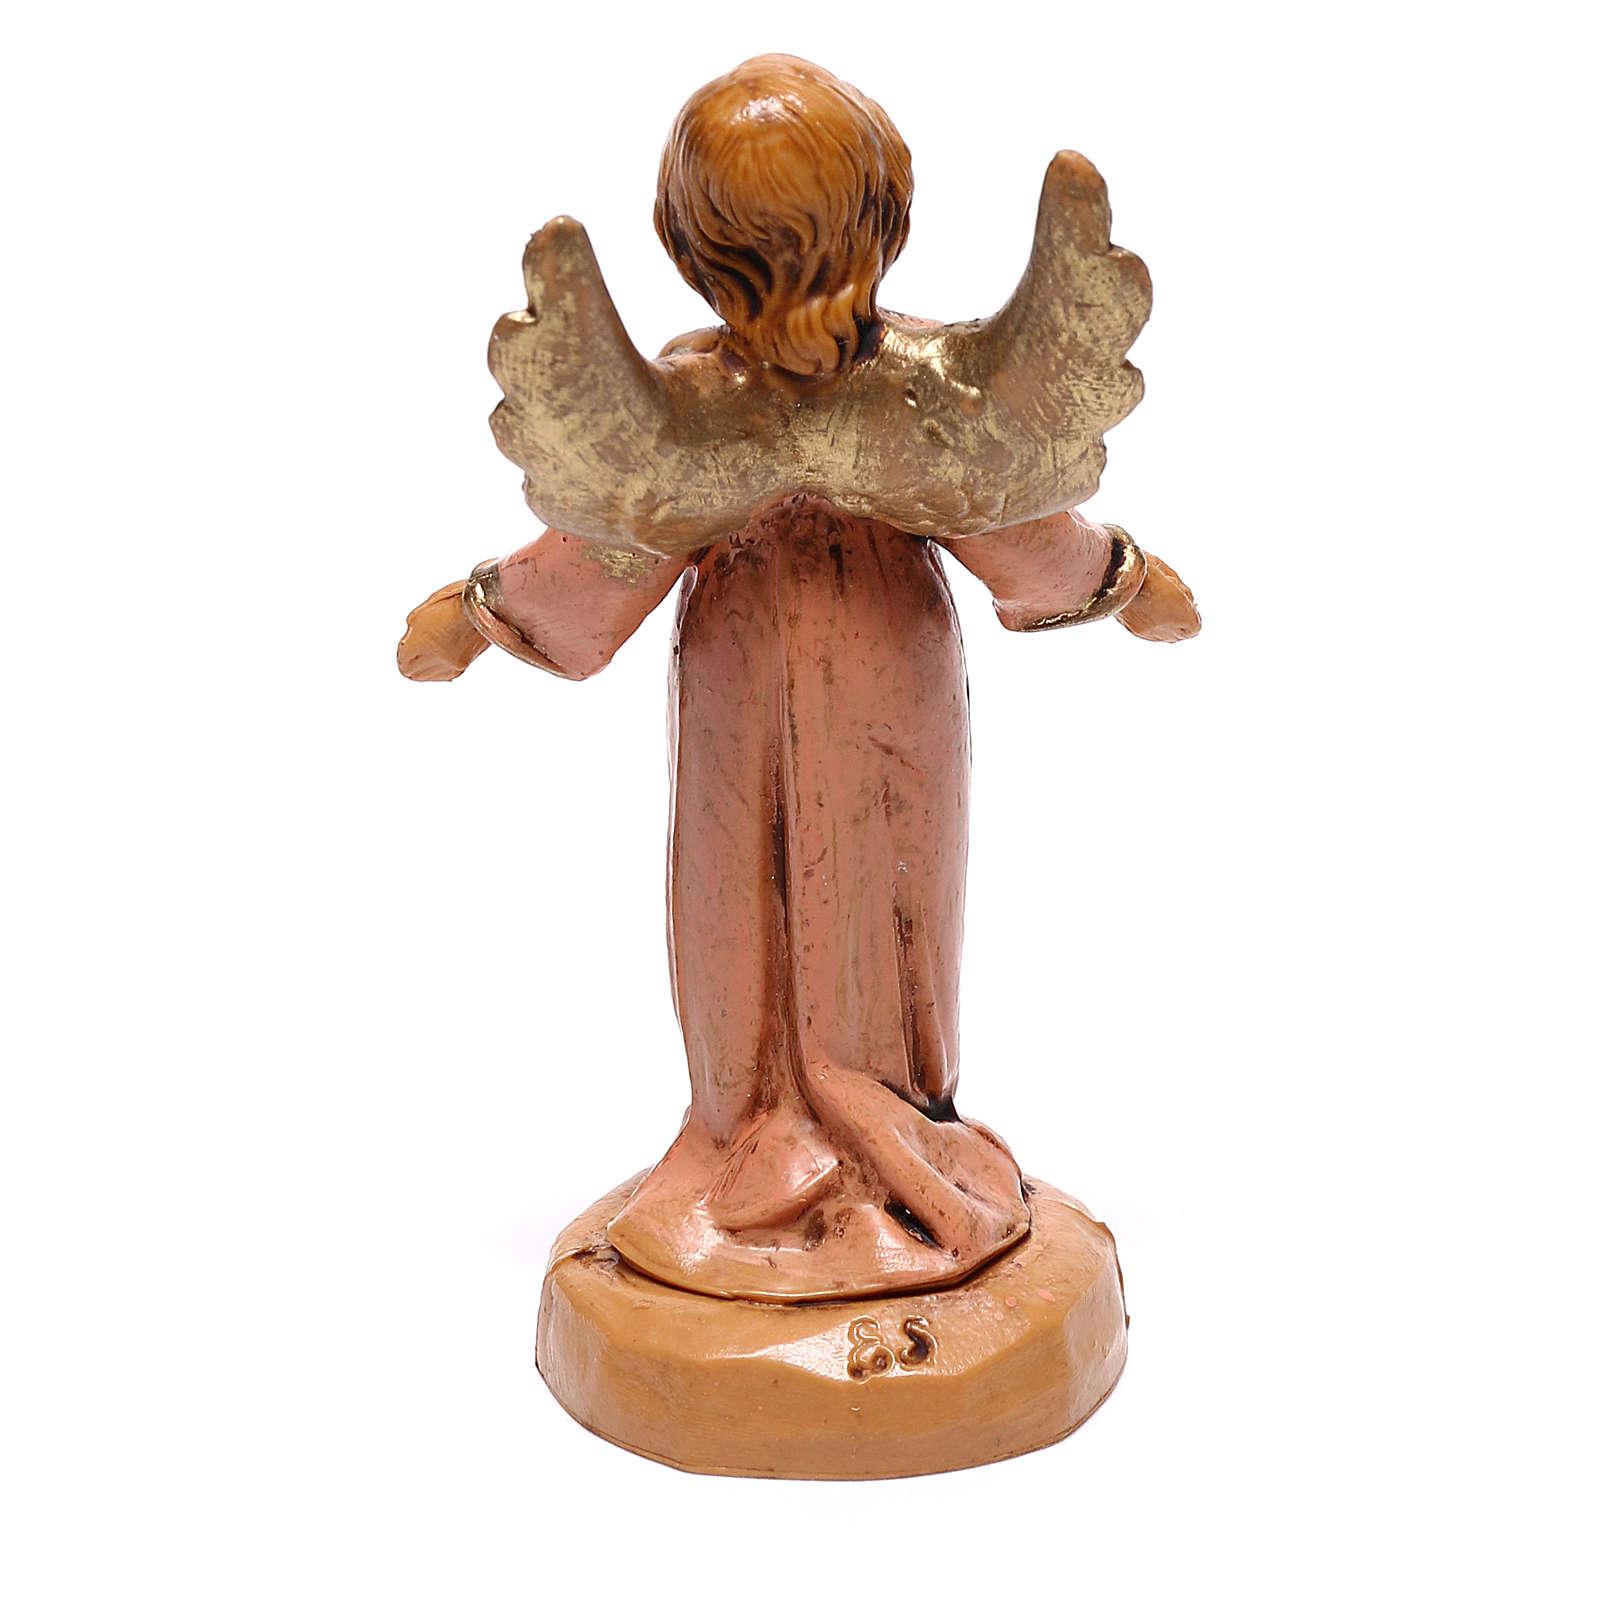 STOCK Anioł stojący Fontanini 6,5 cm 4